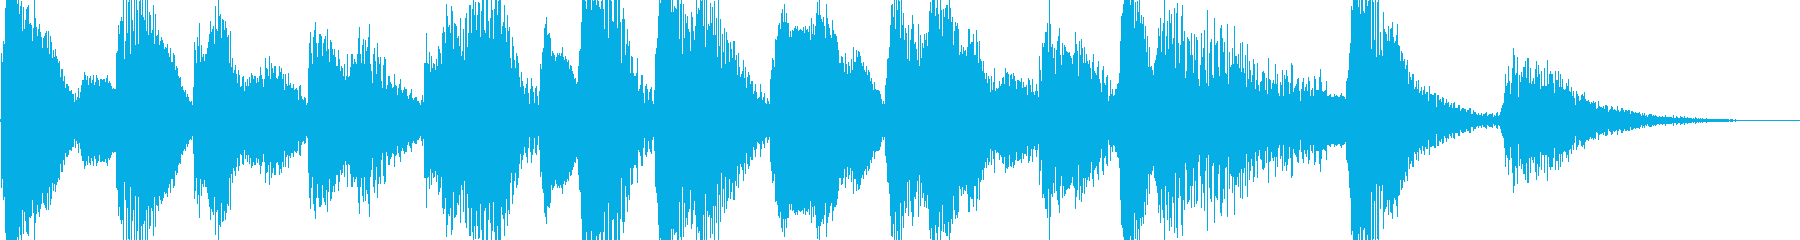 ラグタイムピアノ05sサウンドの再生済みの波形